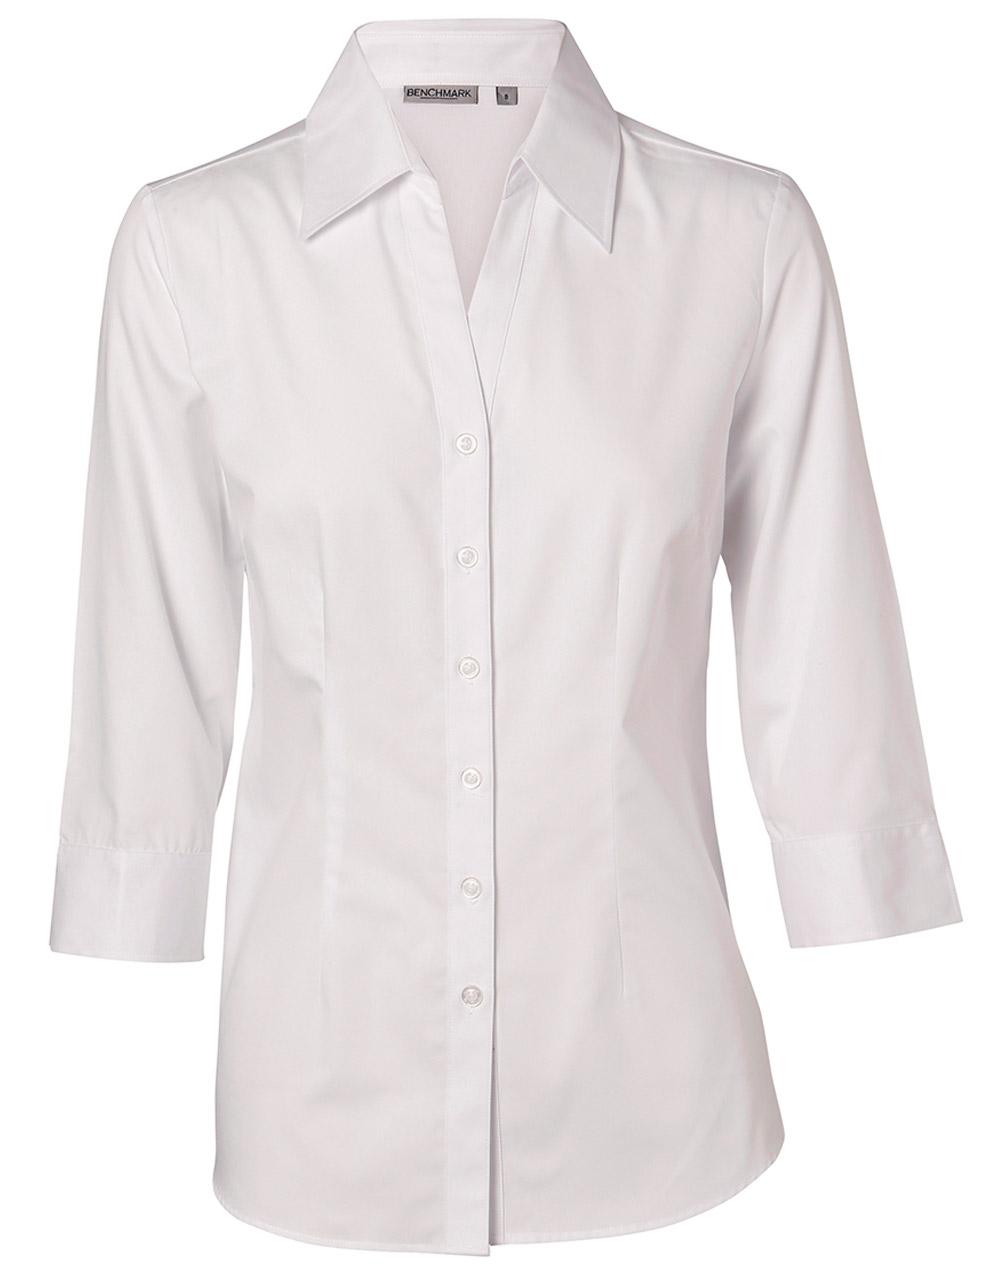 m8003 women u0026 39 s nano  u2122 tech 3  4 sleeve shirt